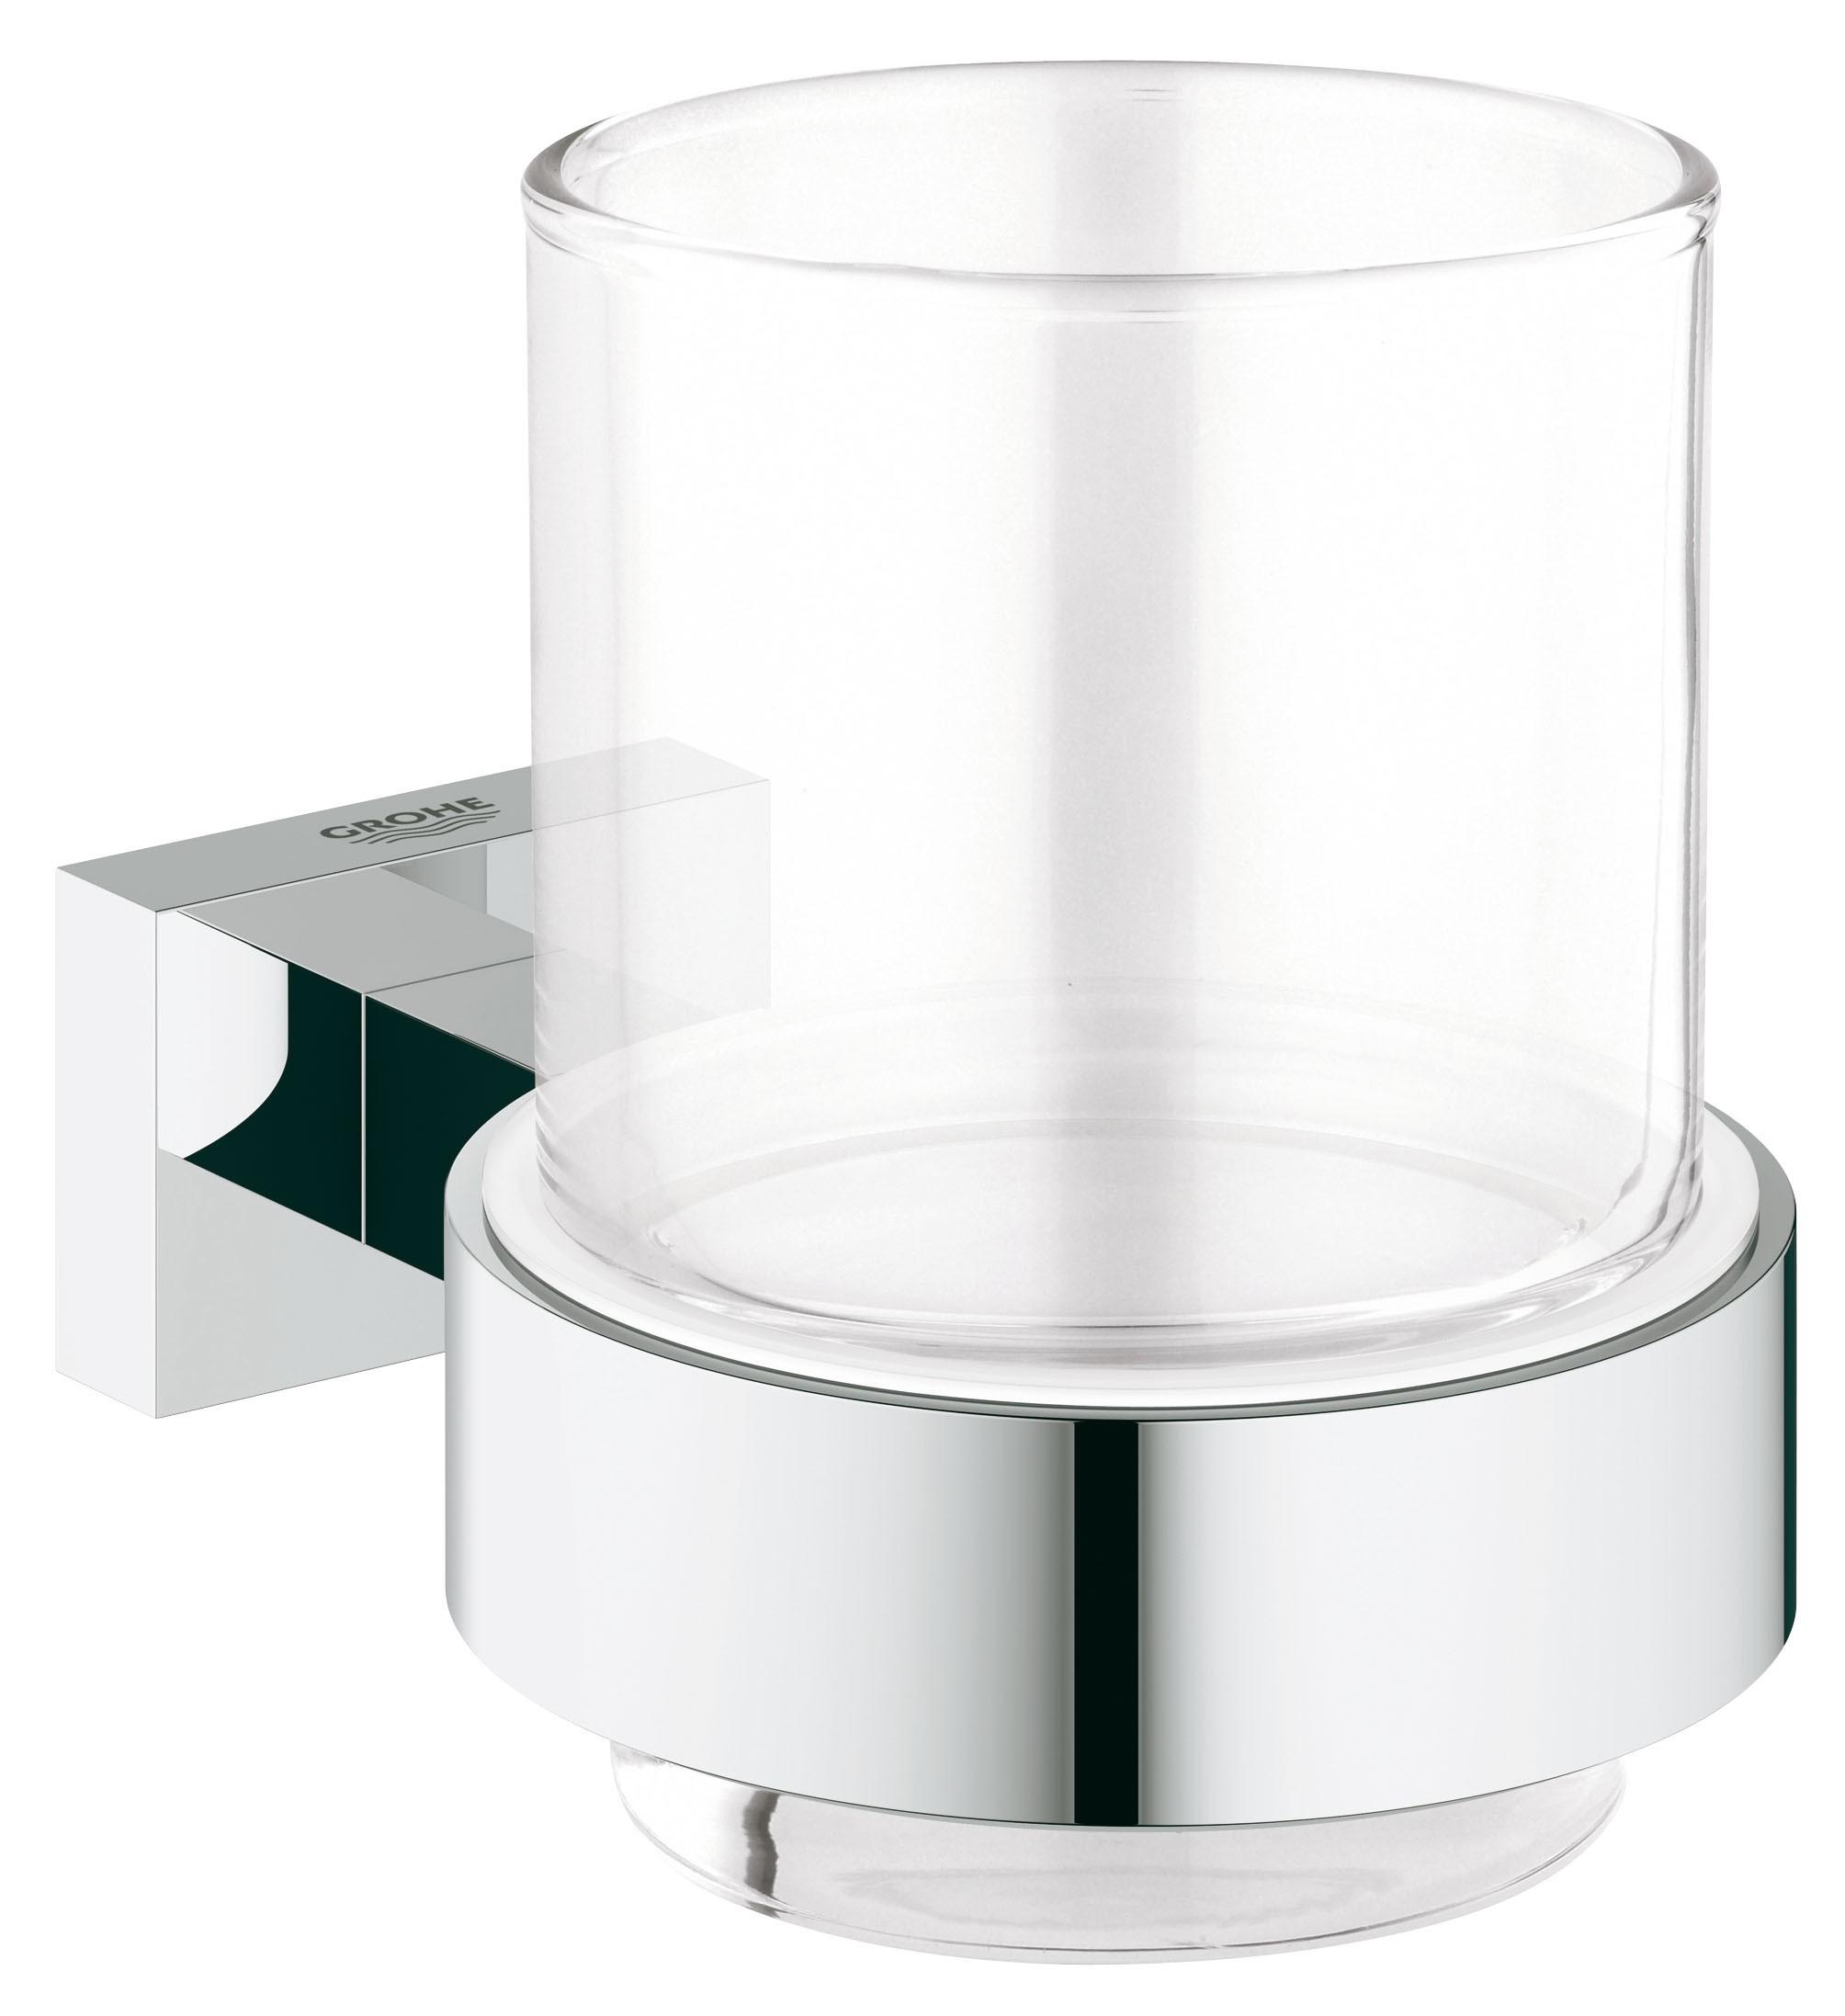 Стакан для зубных щеток Grohe 40755001 Essentials Cube, хром (40755001)